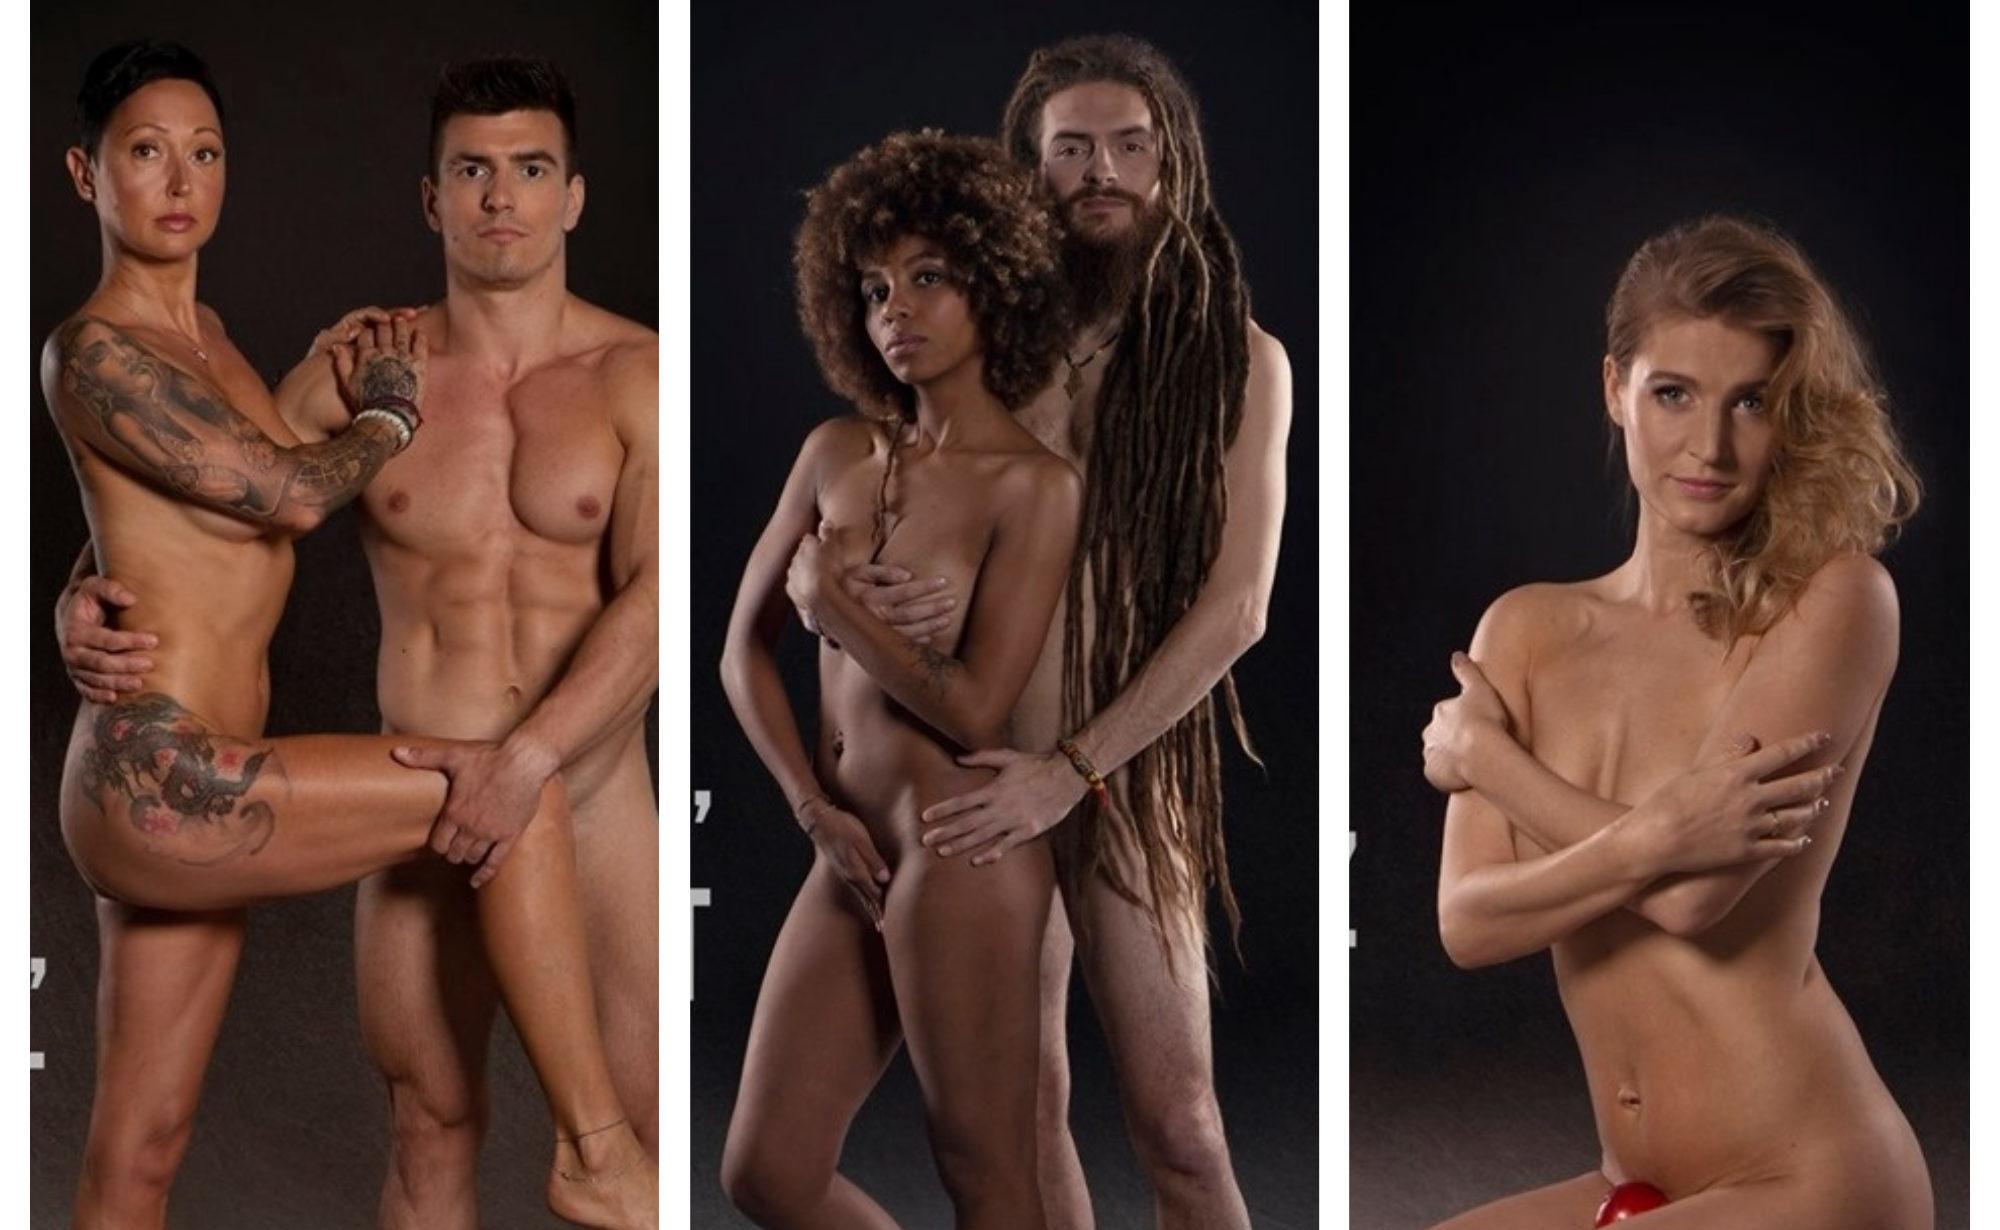 Hungary celebs nude